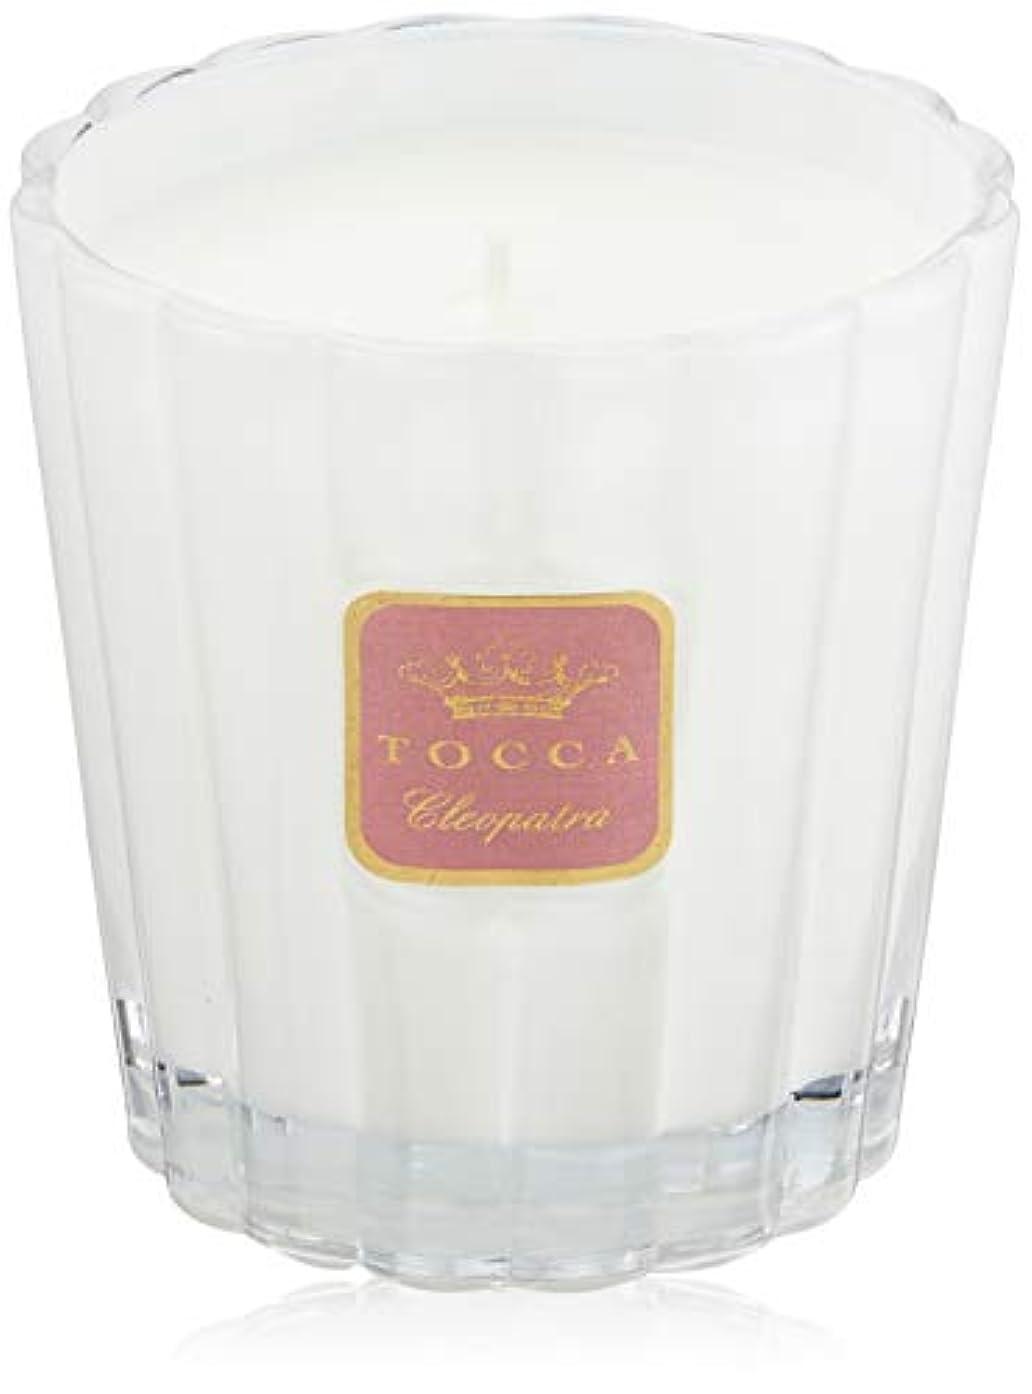 不正確いろいろ交換トッカ(TOCCA) キャンドル クレオパトラの香り 約287g (ろうそく フレッシュでクリーンな香り)